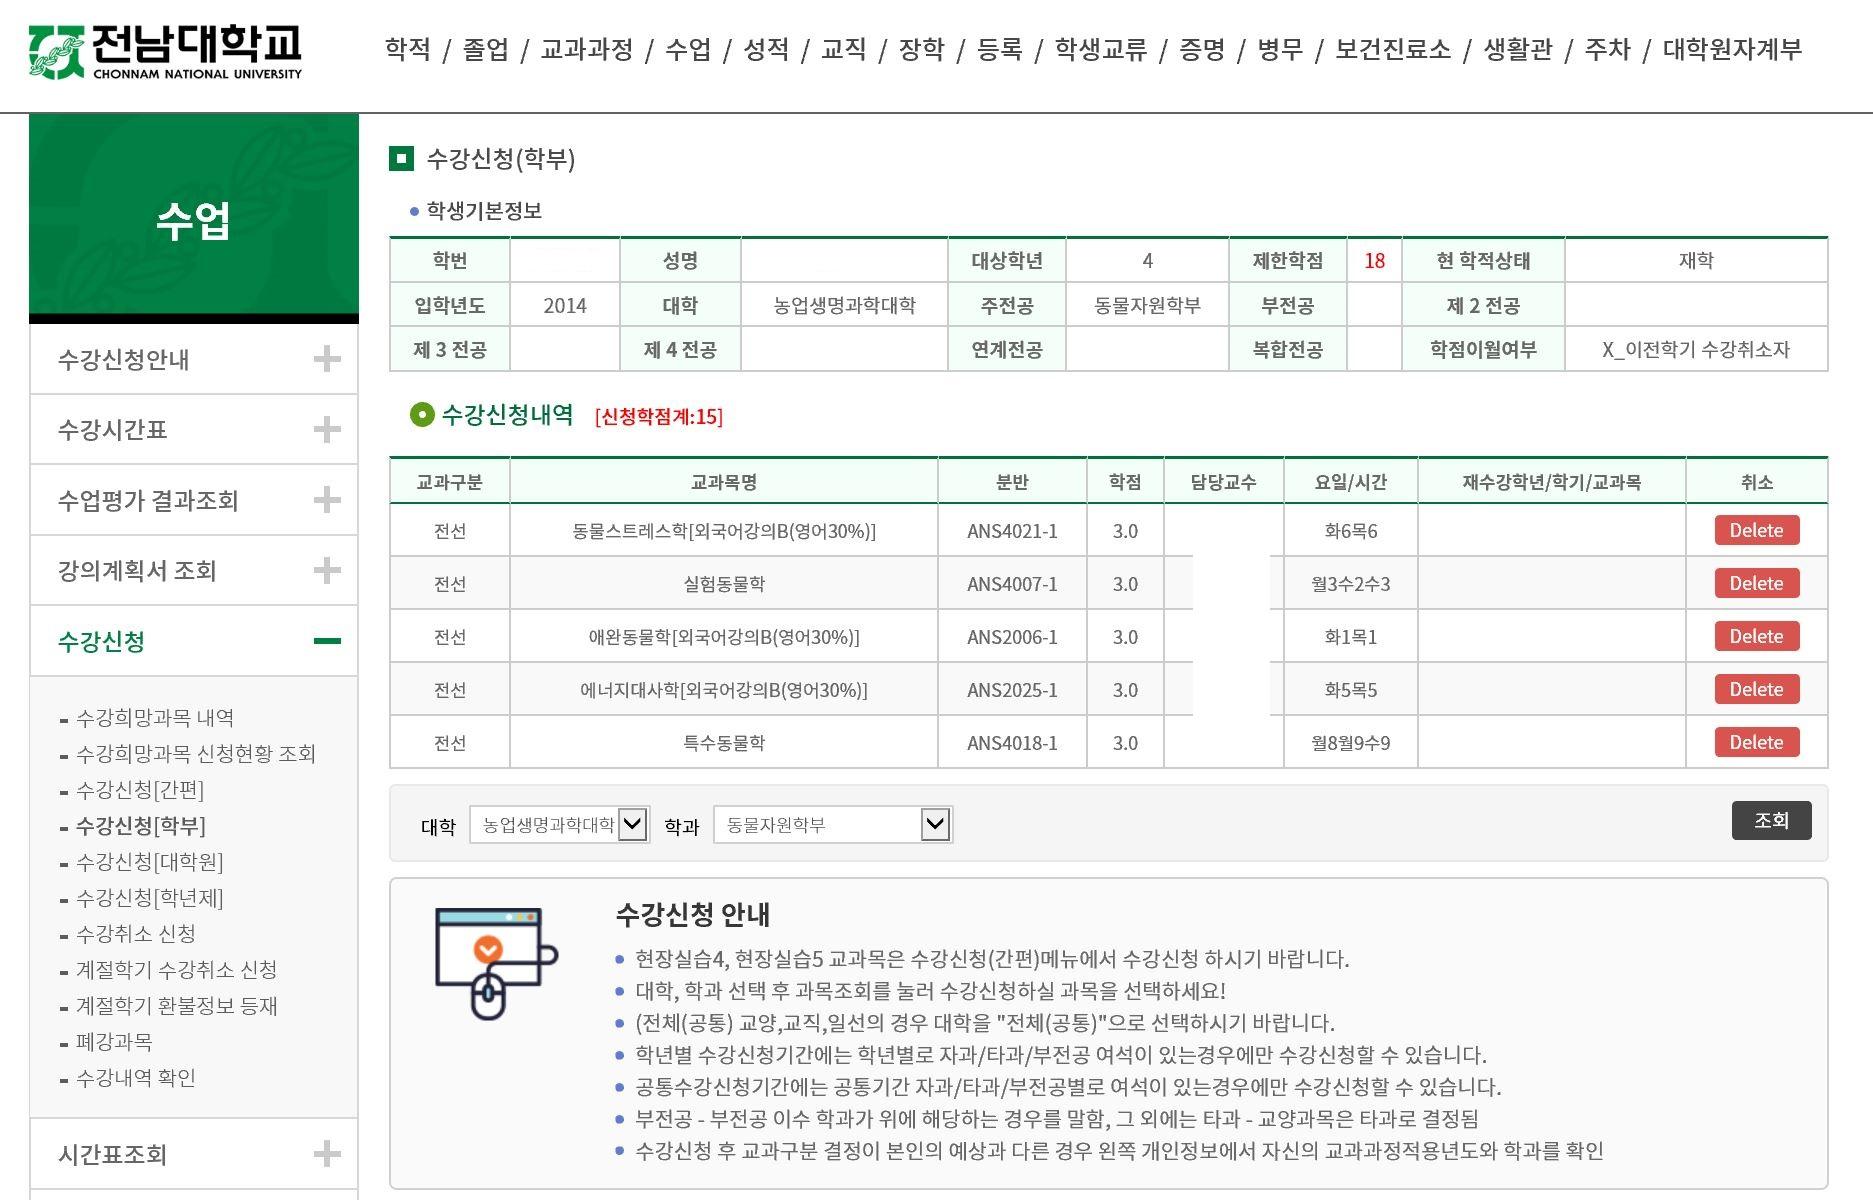 전남대학교 학사행정 포털 영문지원 서비스 구축 / 전남대학교